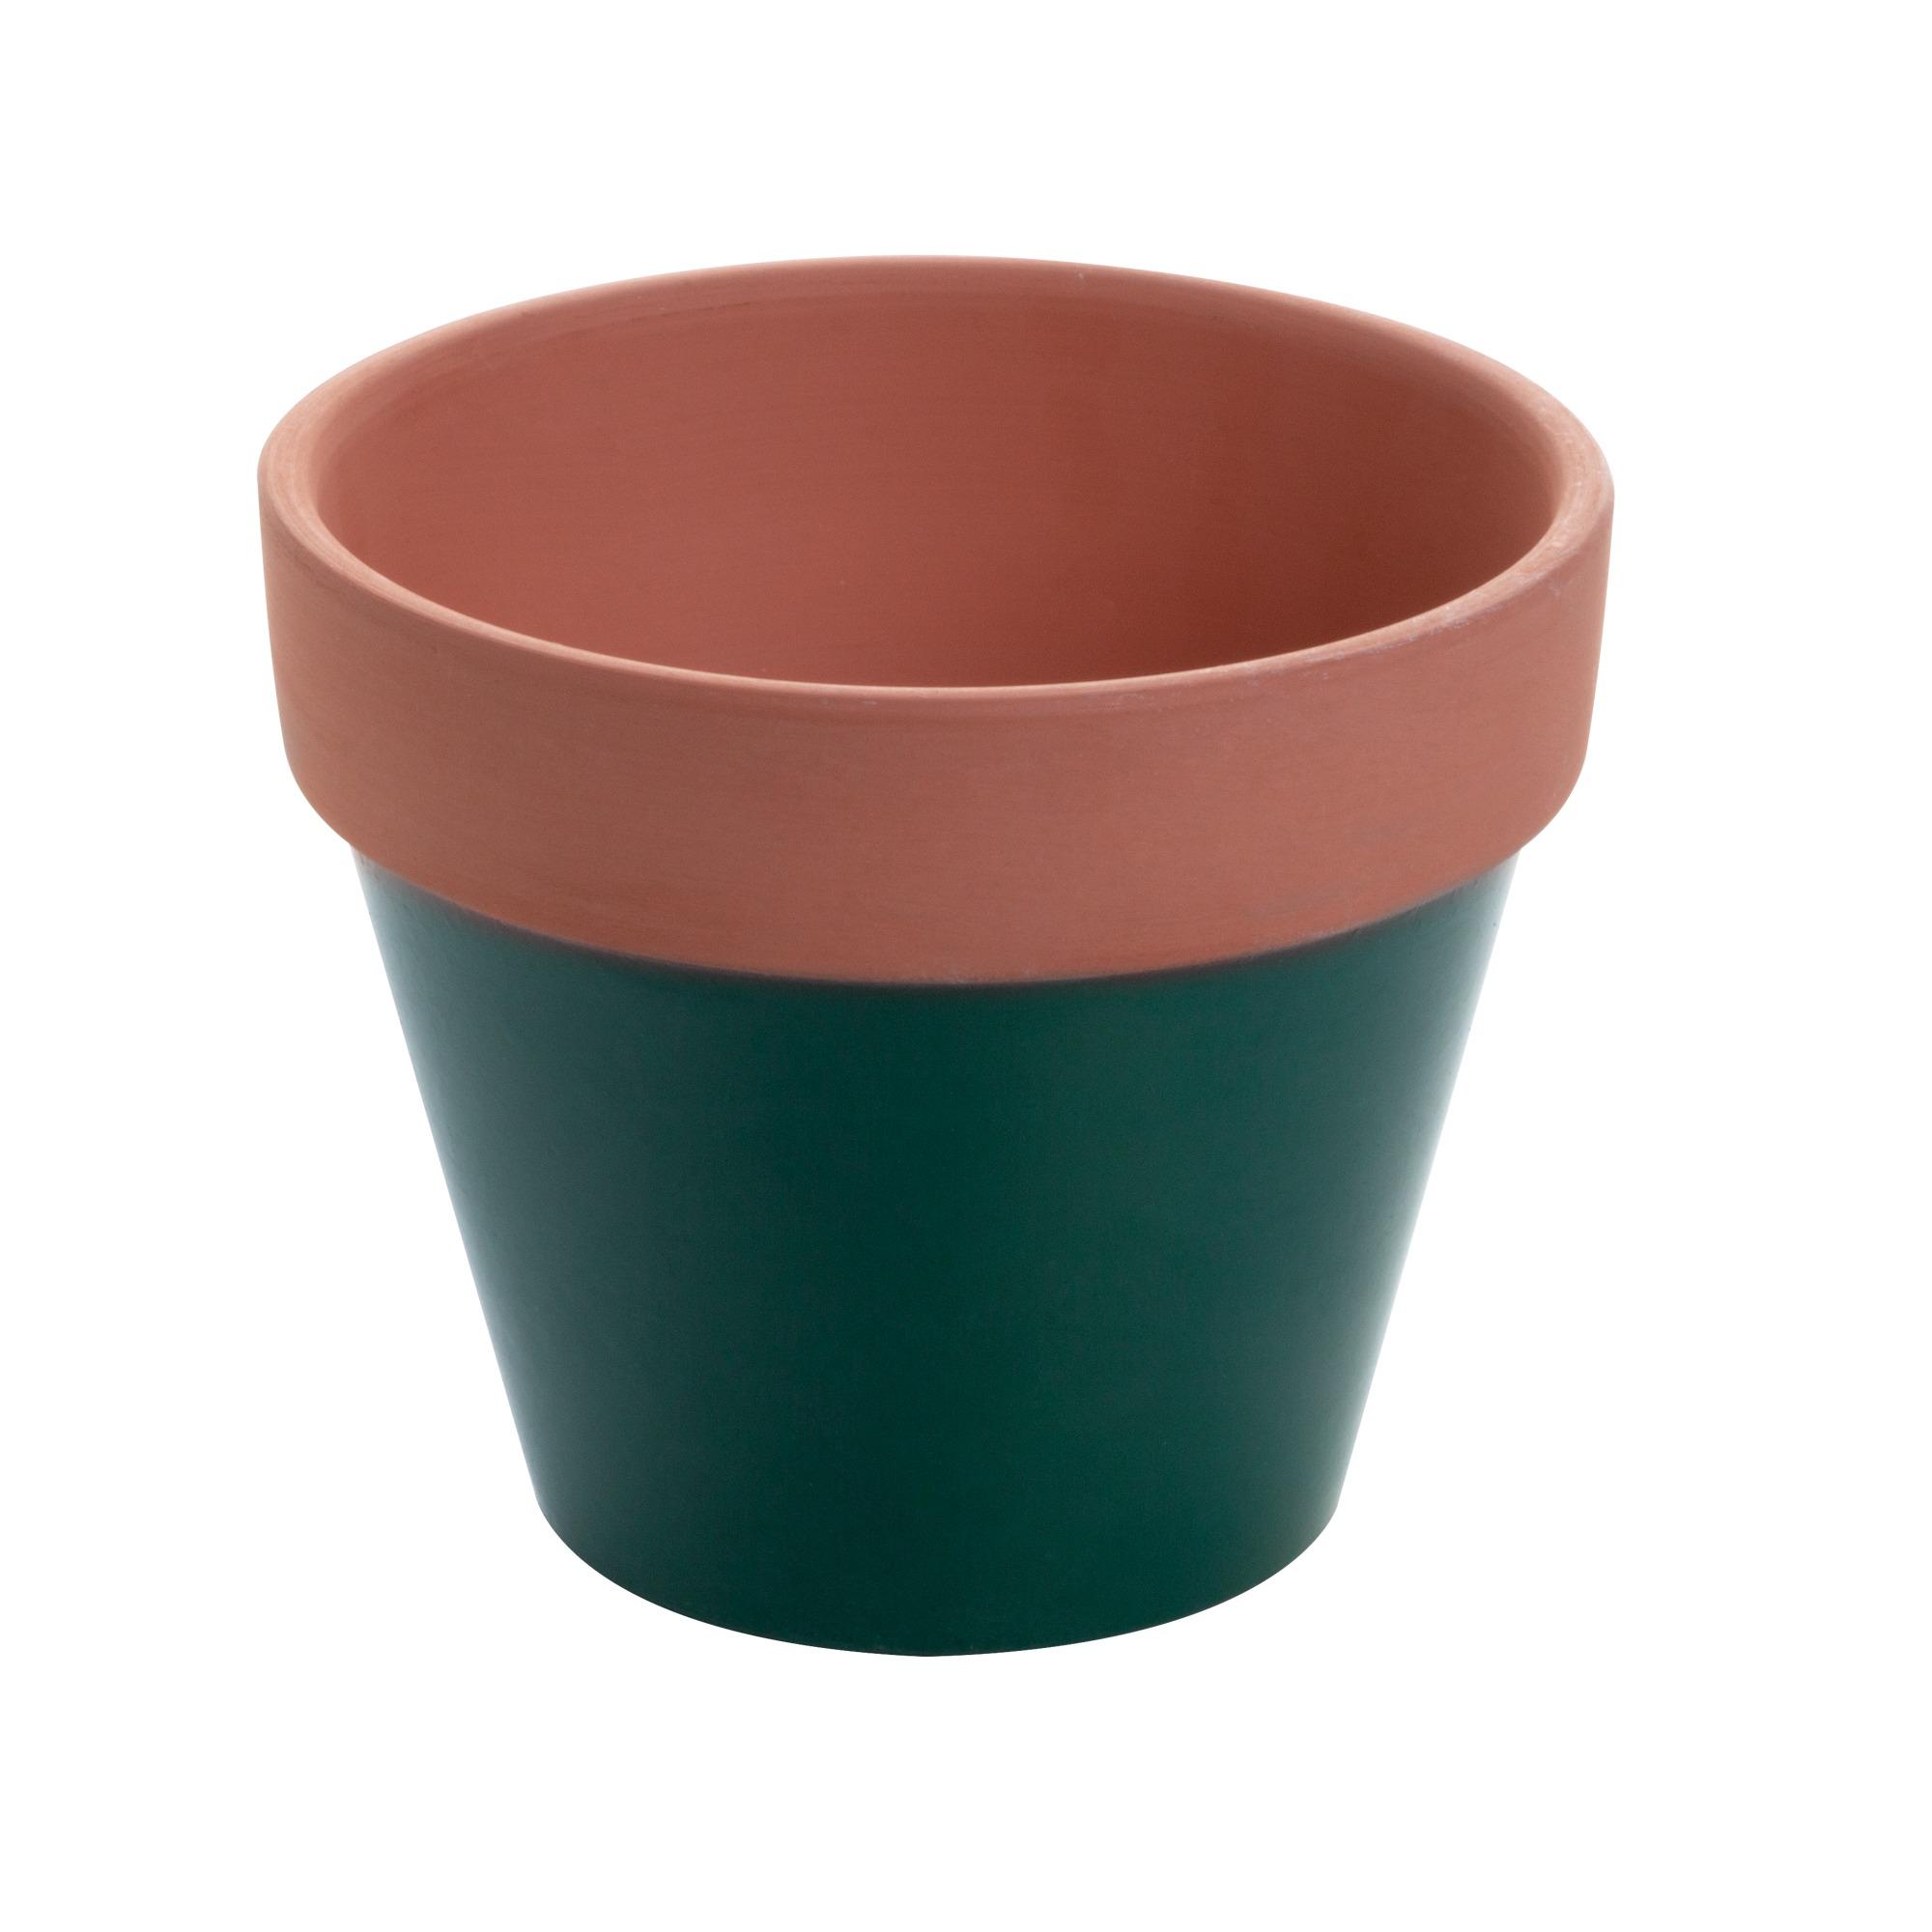 Vaso de Ceramica Terracota Colar Verde 7 cm - Urban